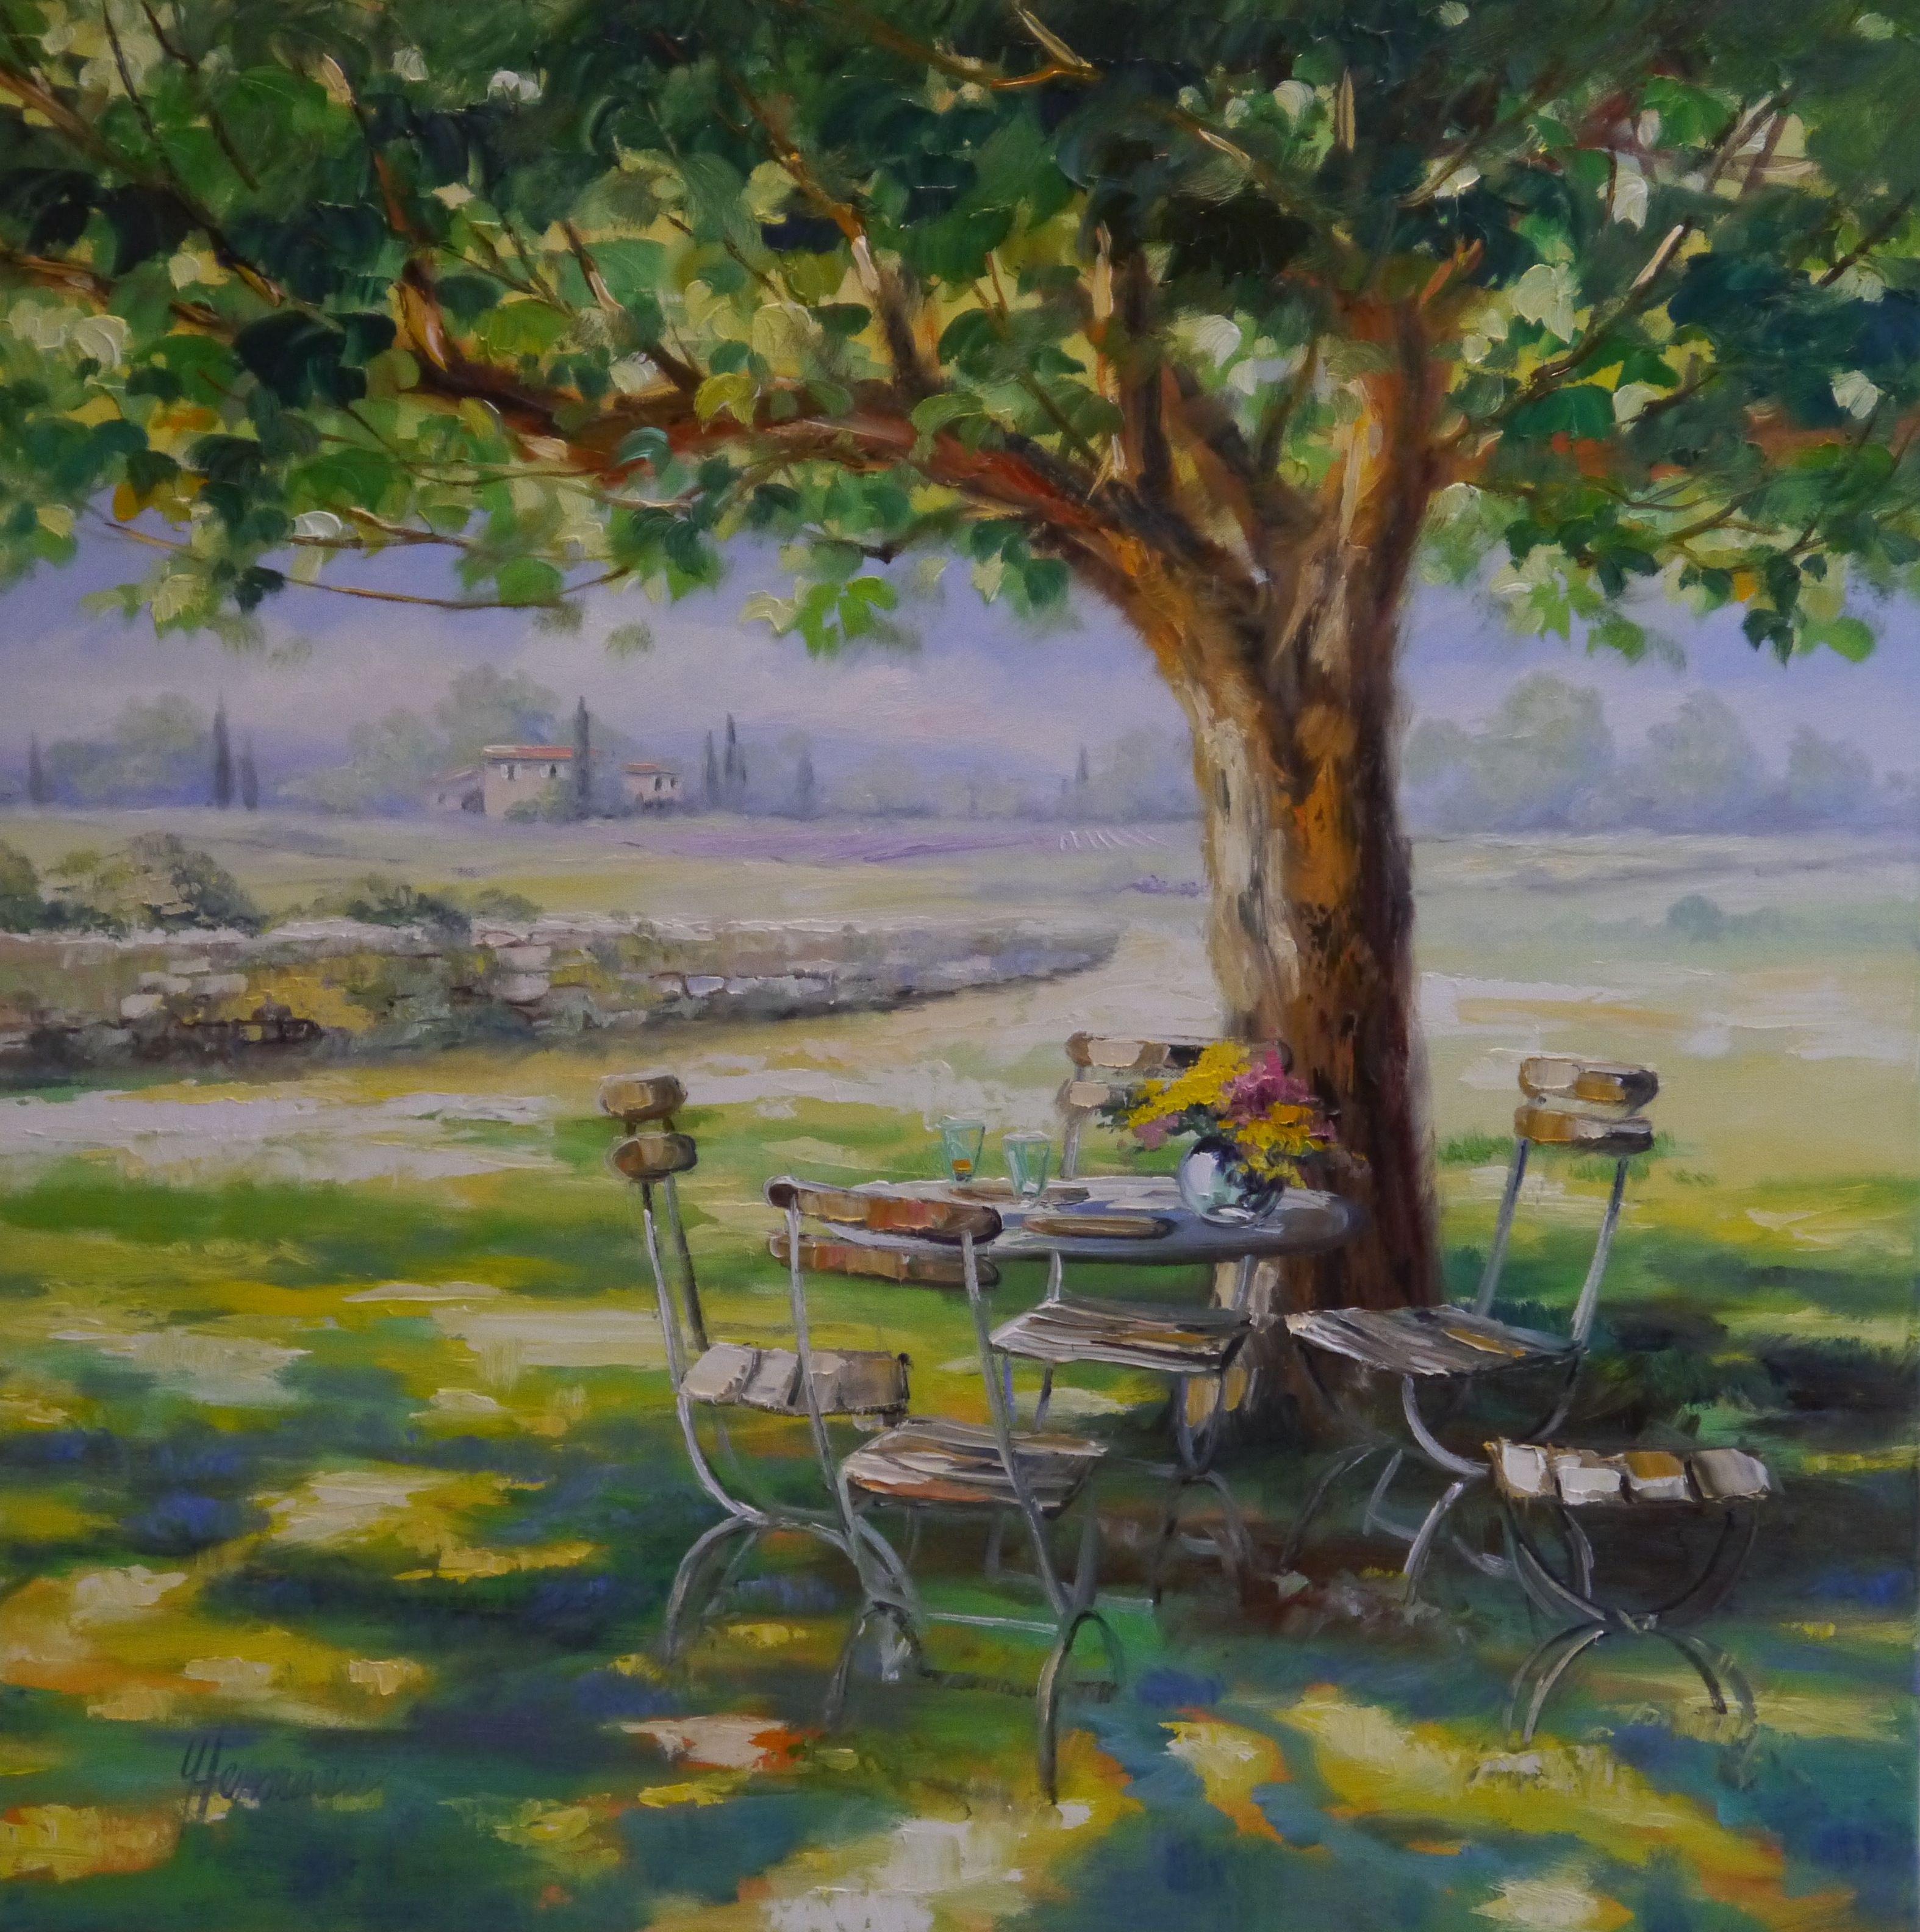 Ein gemütlicher Sitzplatz unter einem großen Baum der Schatten ...